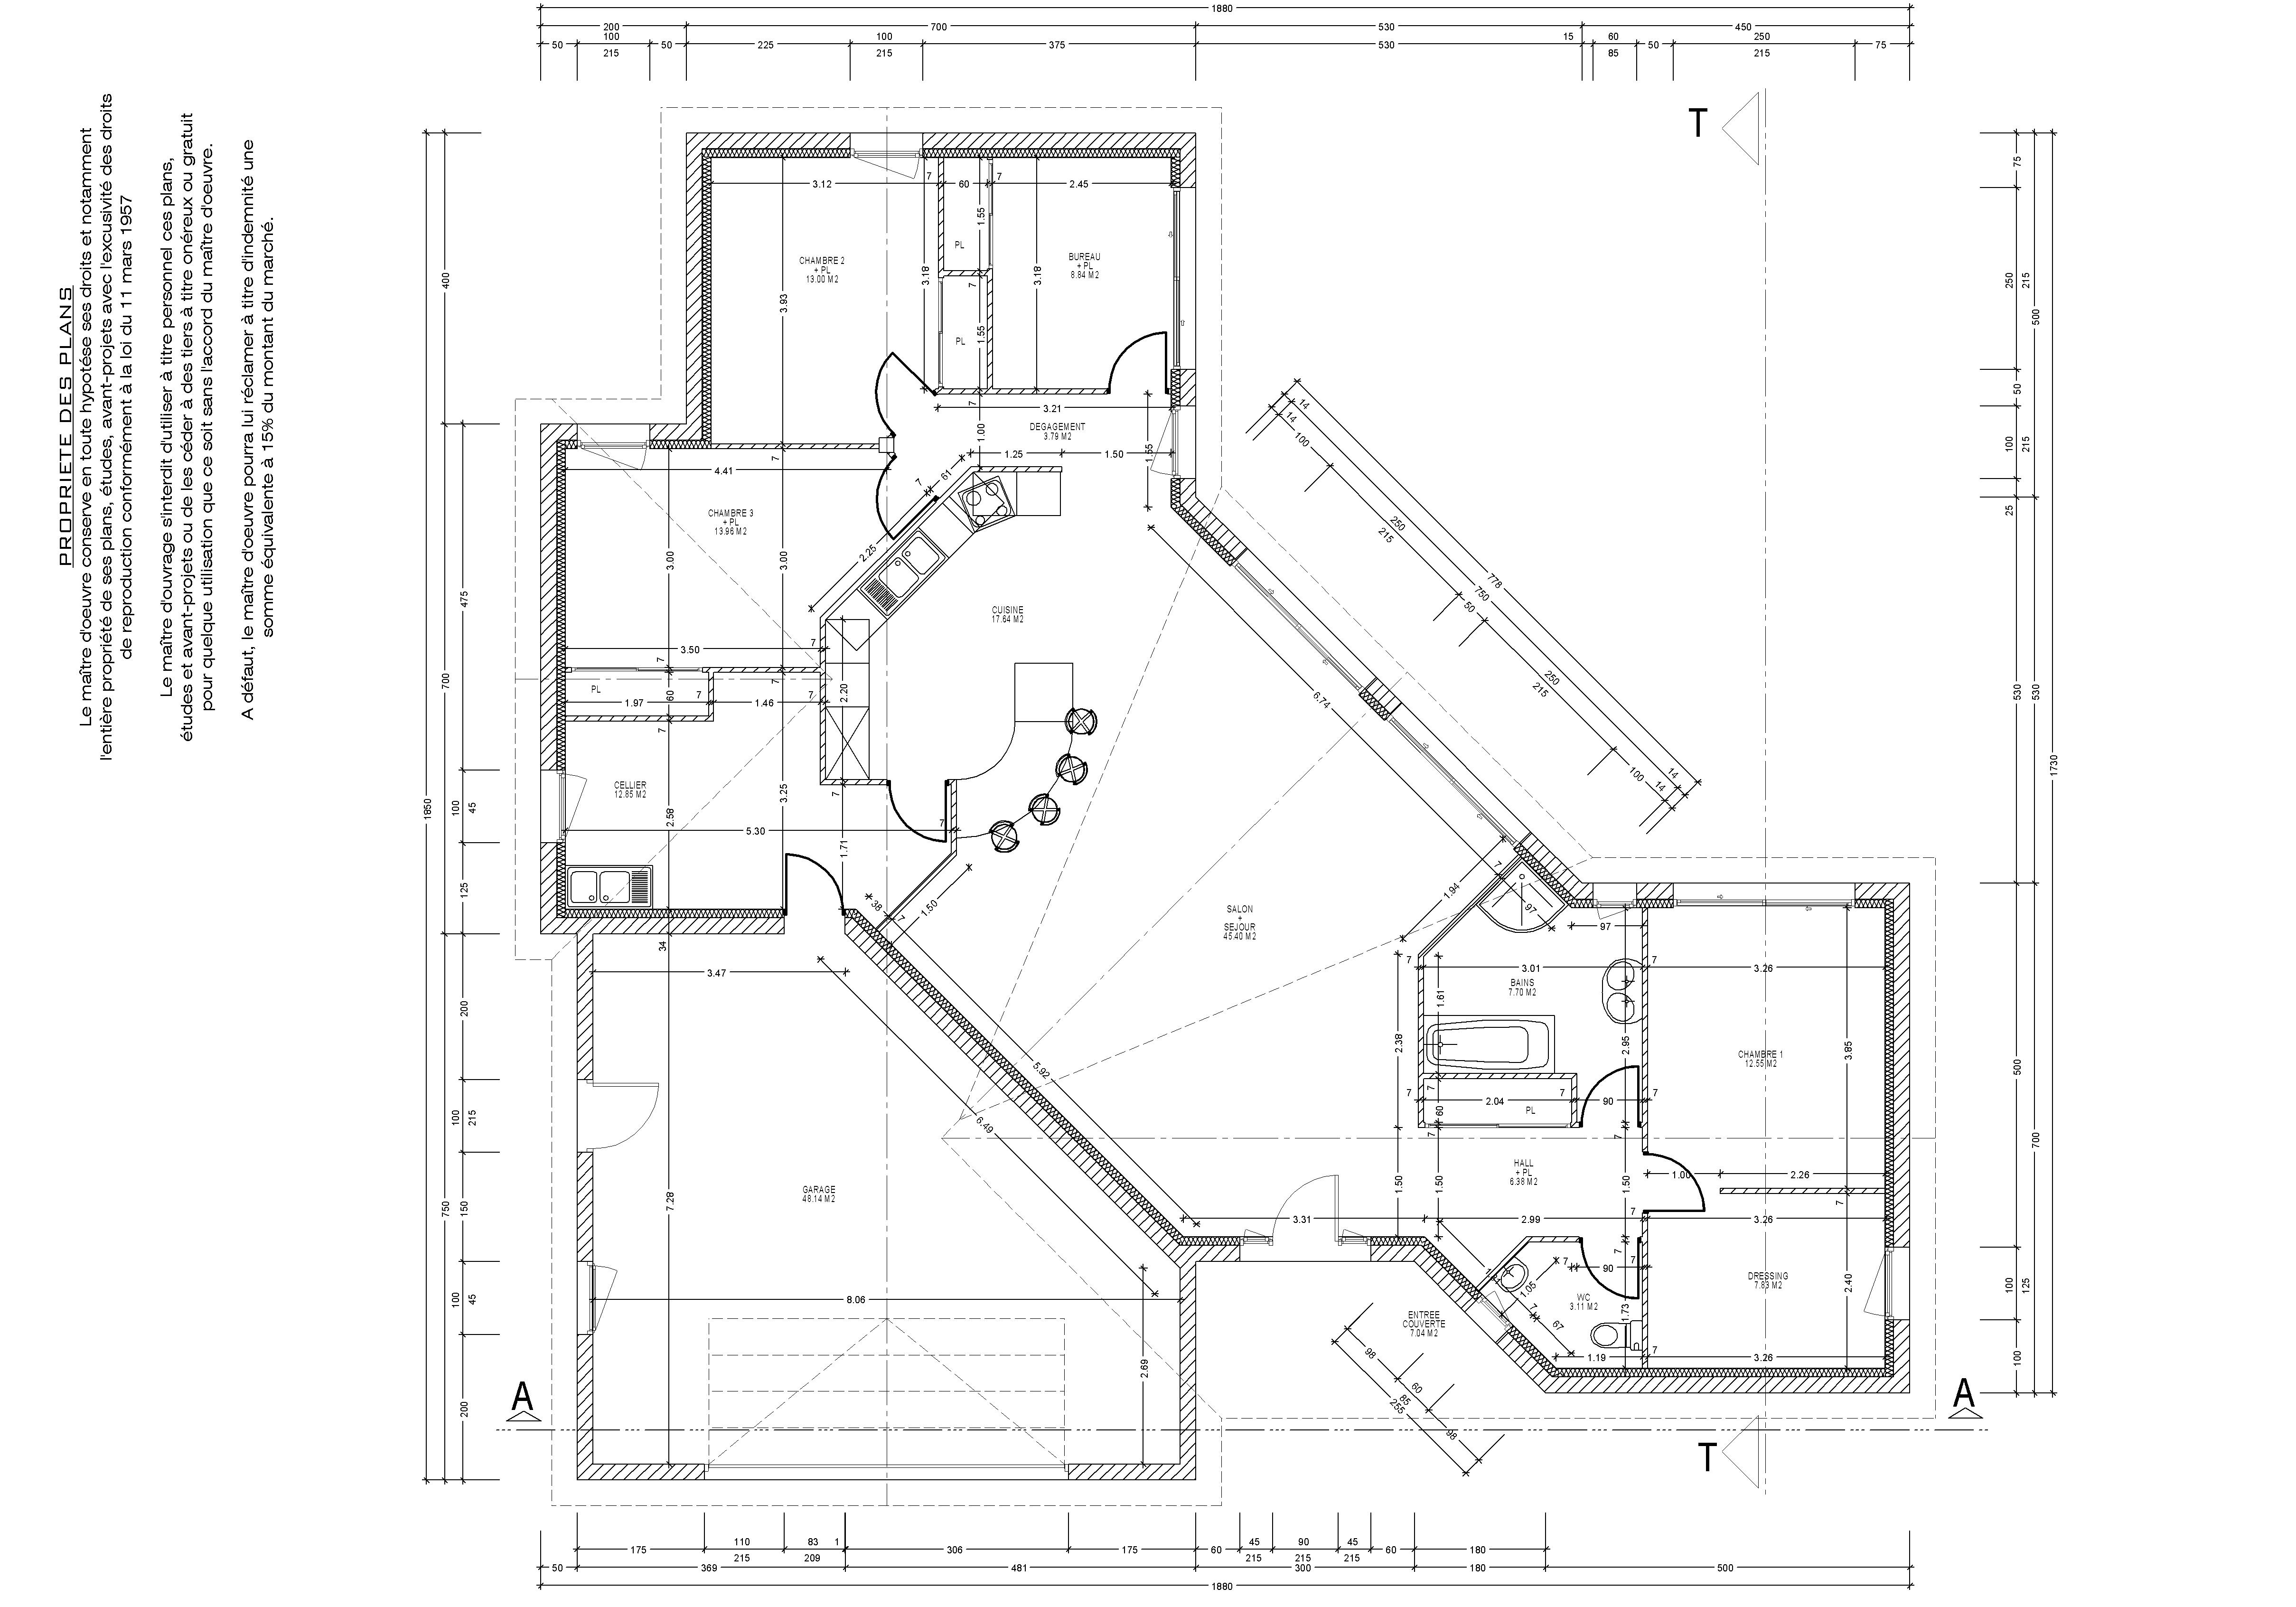 Plan interieur maison en v - Idées de travaux 353ad1324705